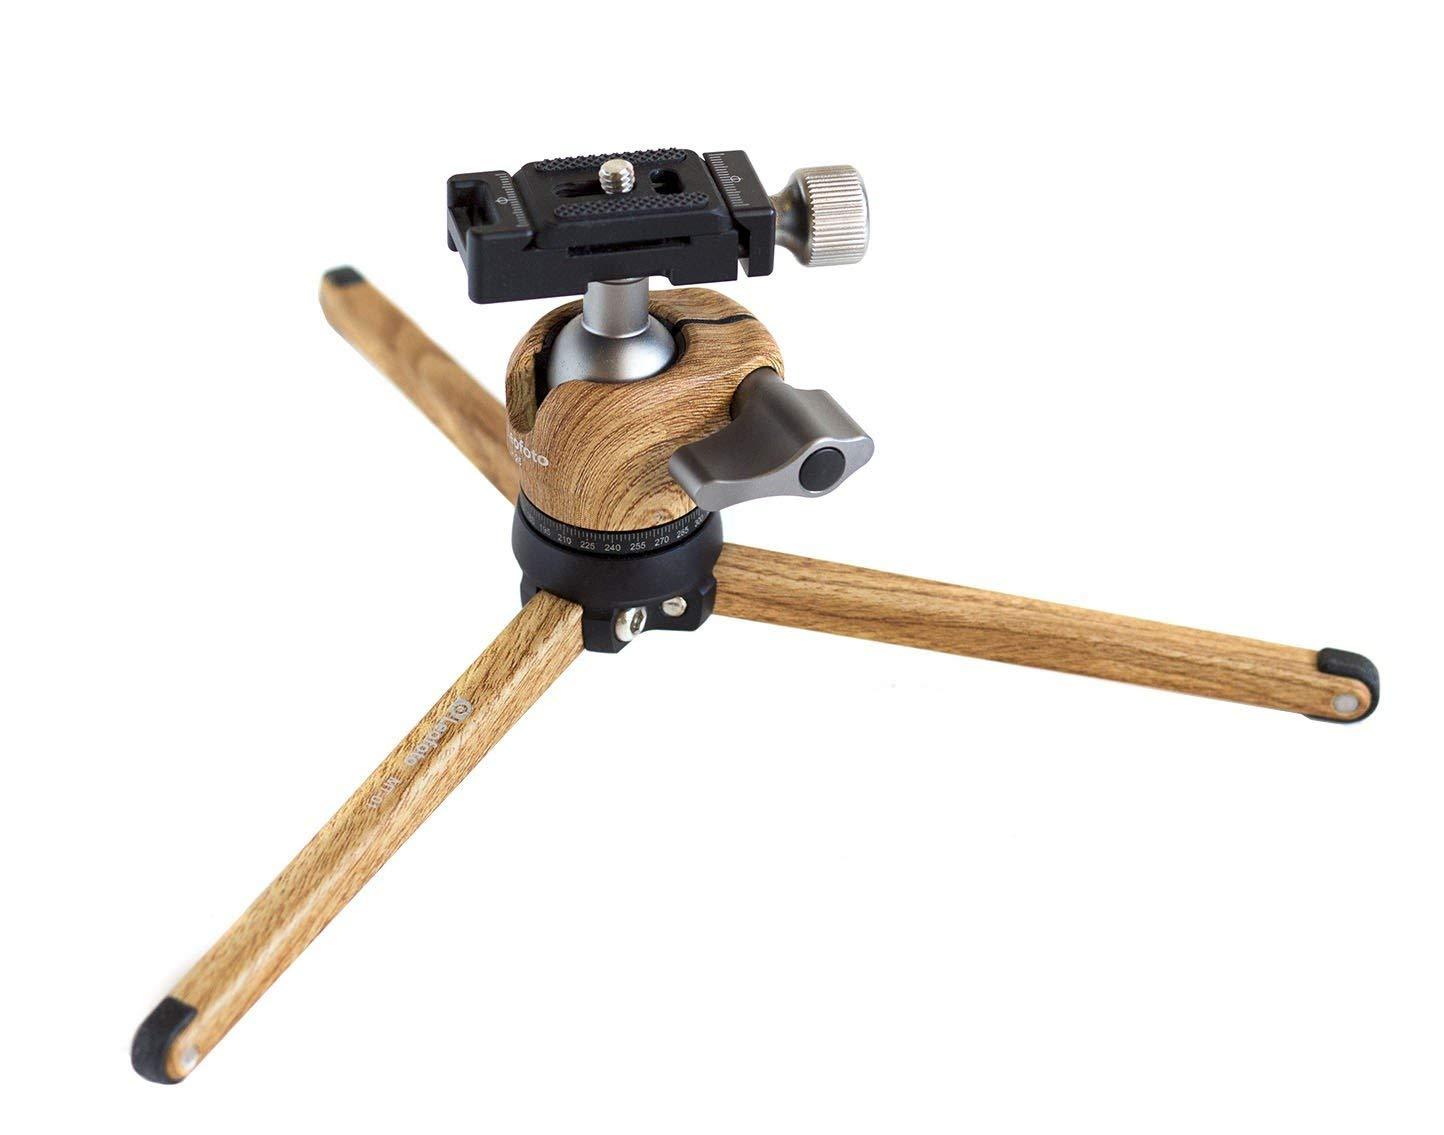 【高知インター店】 Leofoto MT-01+LH-25(wood) MT-01+LH-25(wood) テーブル三脚 ミニ三脚 ミニ三脚 コンパクト 三脚 Leofoto B07G9ZVT2X, ミスターベンチャー:367191d9 --- cafestar.in